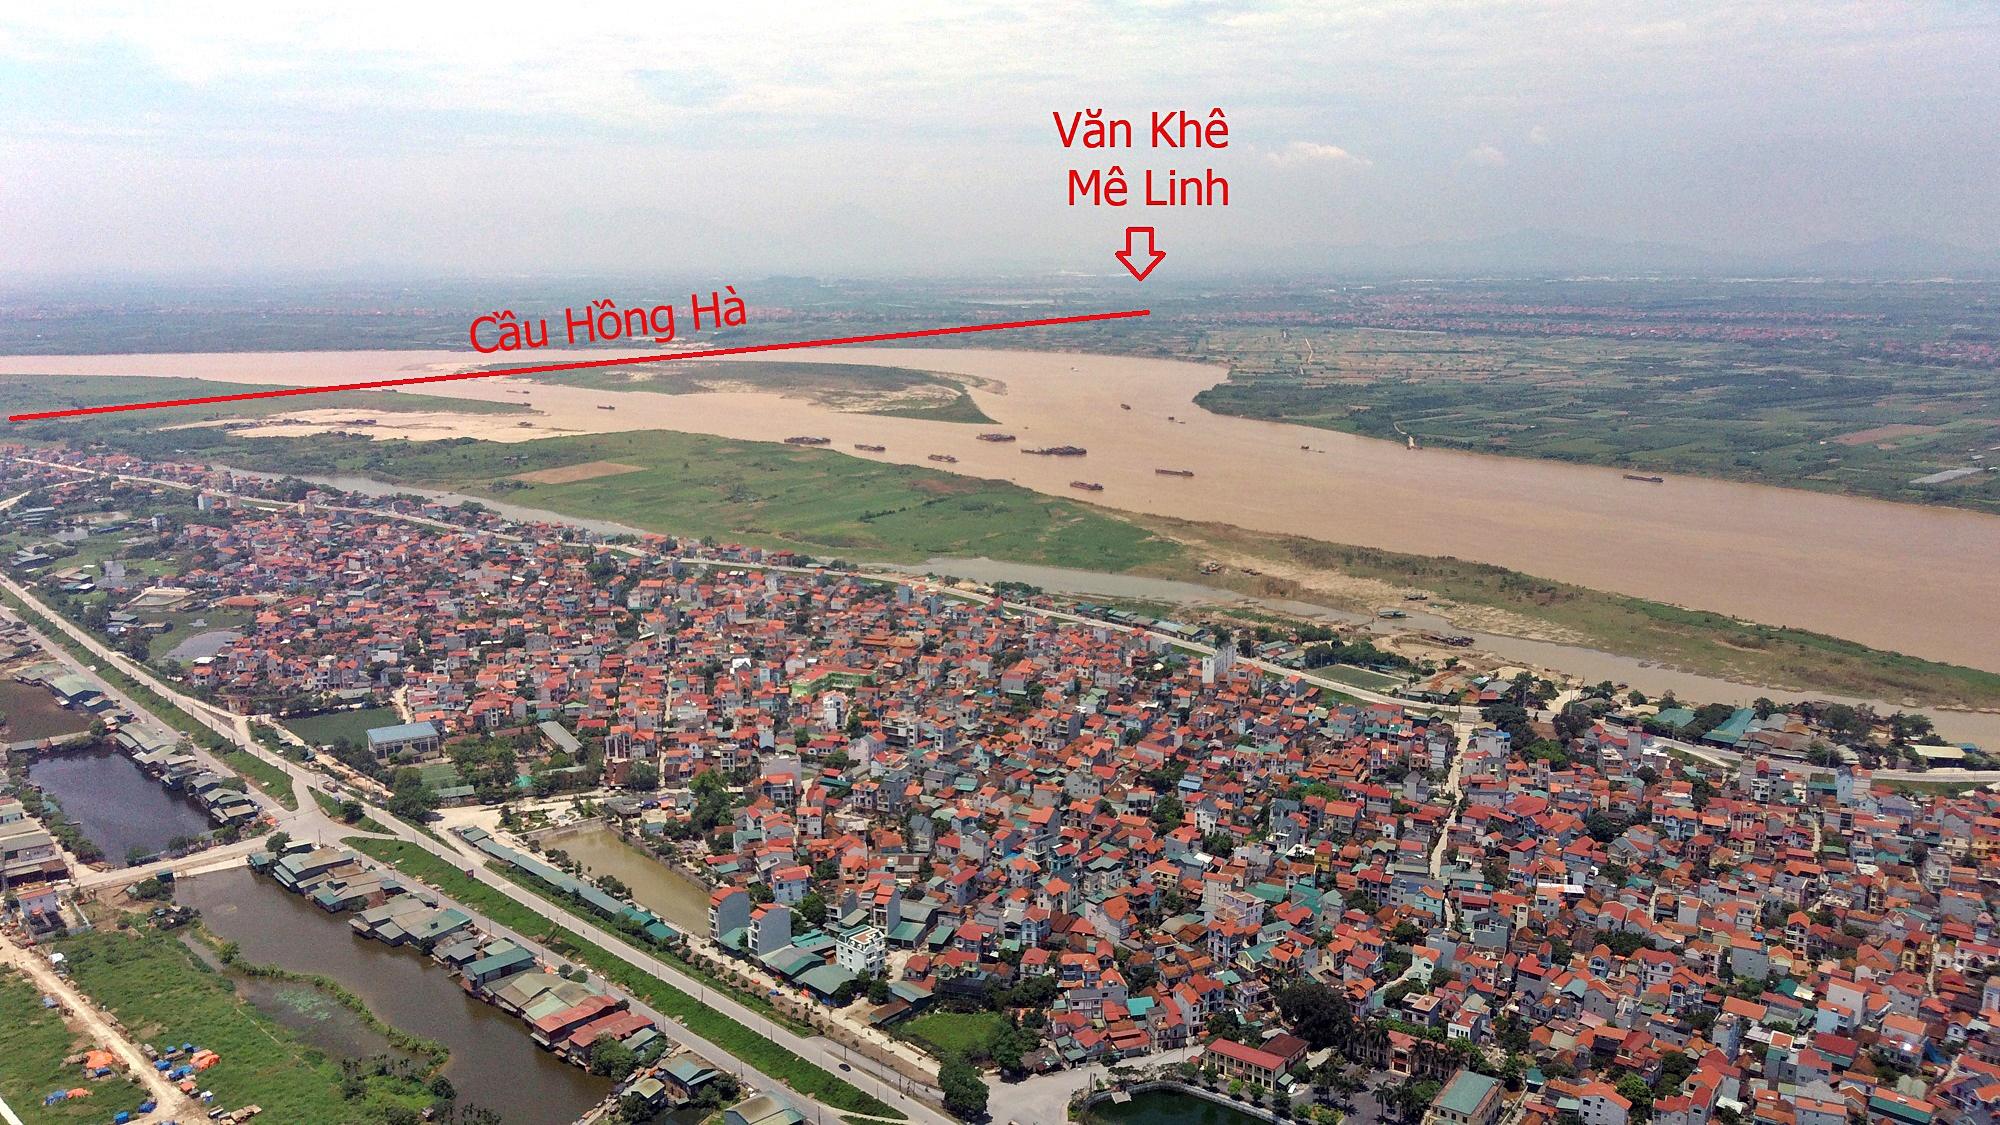 Cầu sẽ mở theo qui hoạch ở Hà Nội: Toàn cảnh vị trí làm cầu Hồng Hà nối Đan Phượng với Mê Linh - Ảnh 7.